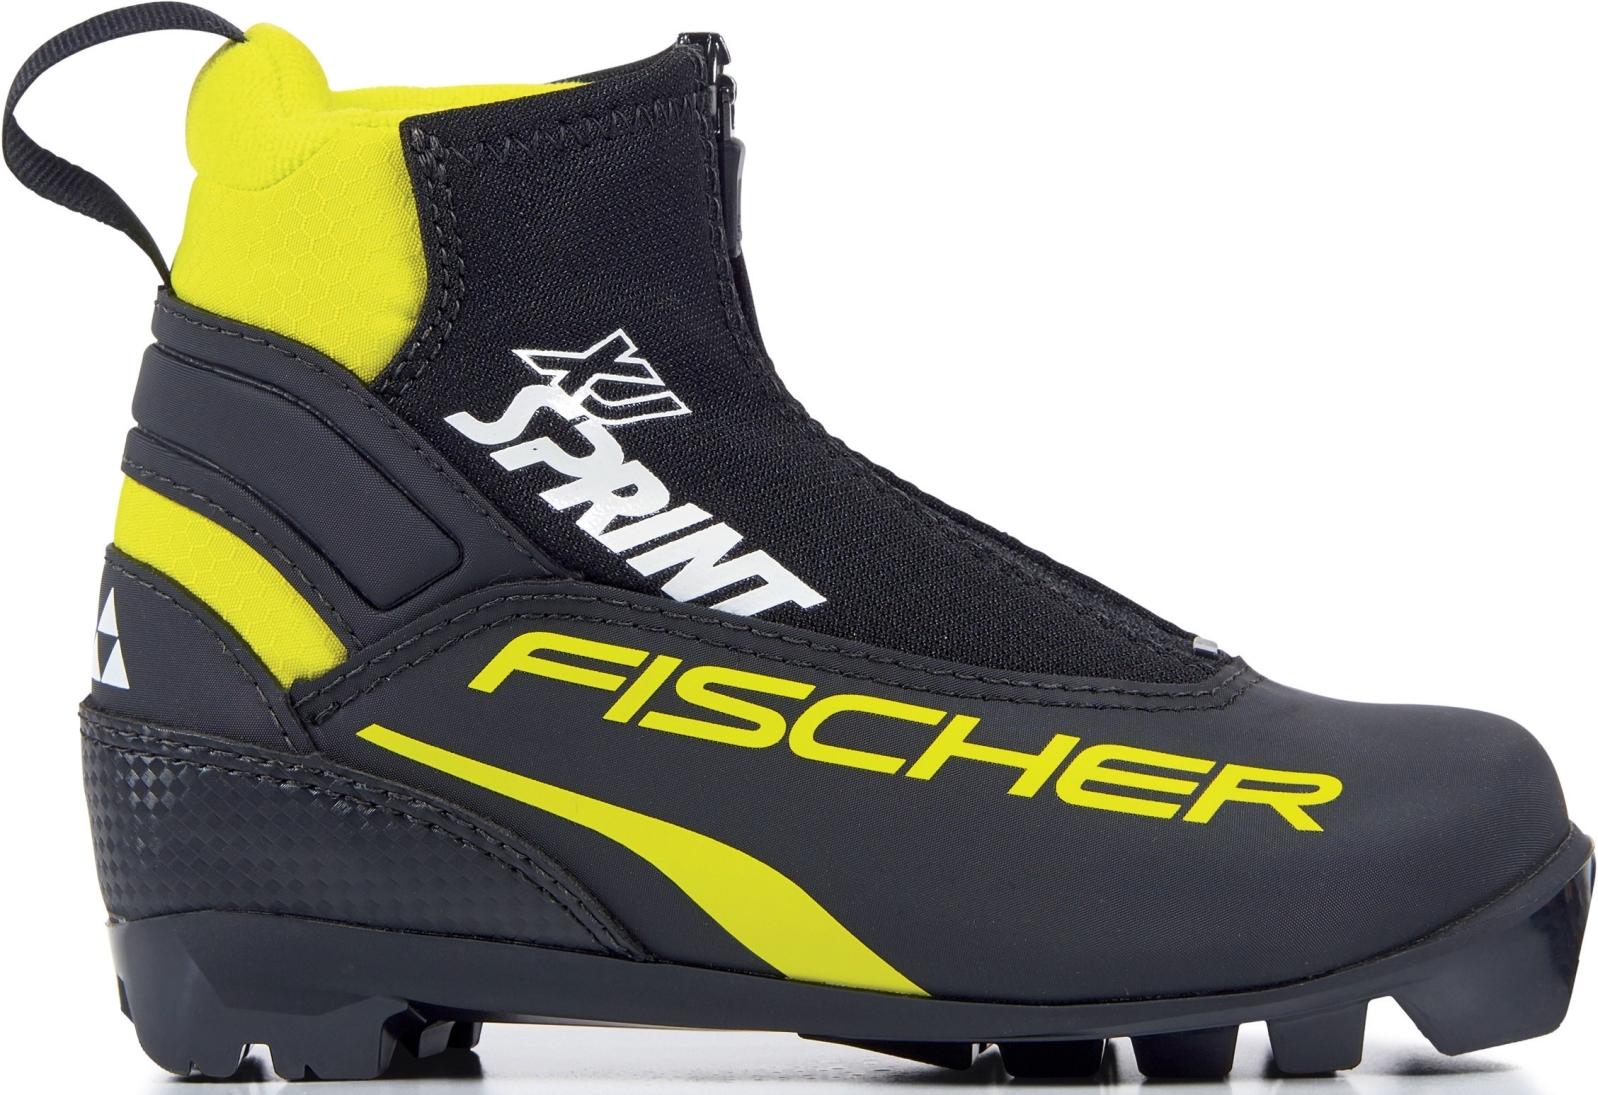 44c5a1d4ea5e2 Dětské boty na běžky Fischer XJ Sprint - Ski a Bike Centrum Radotín